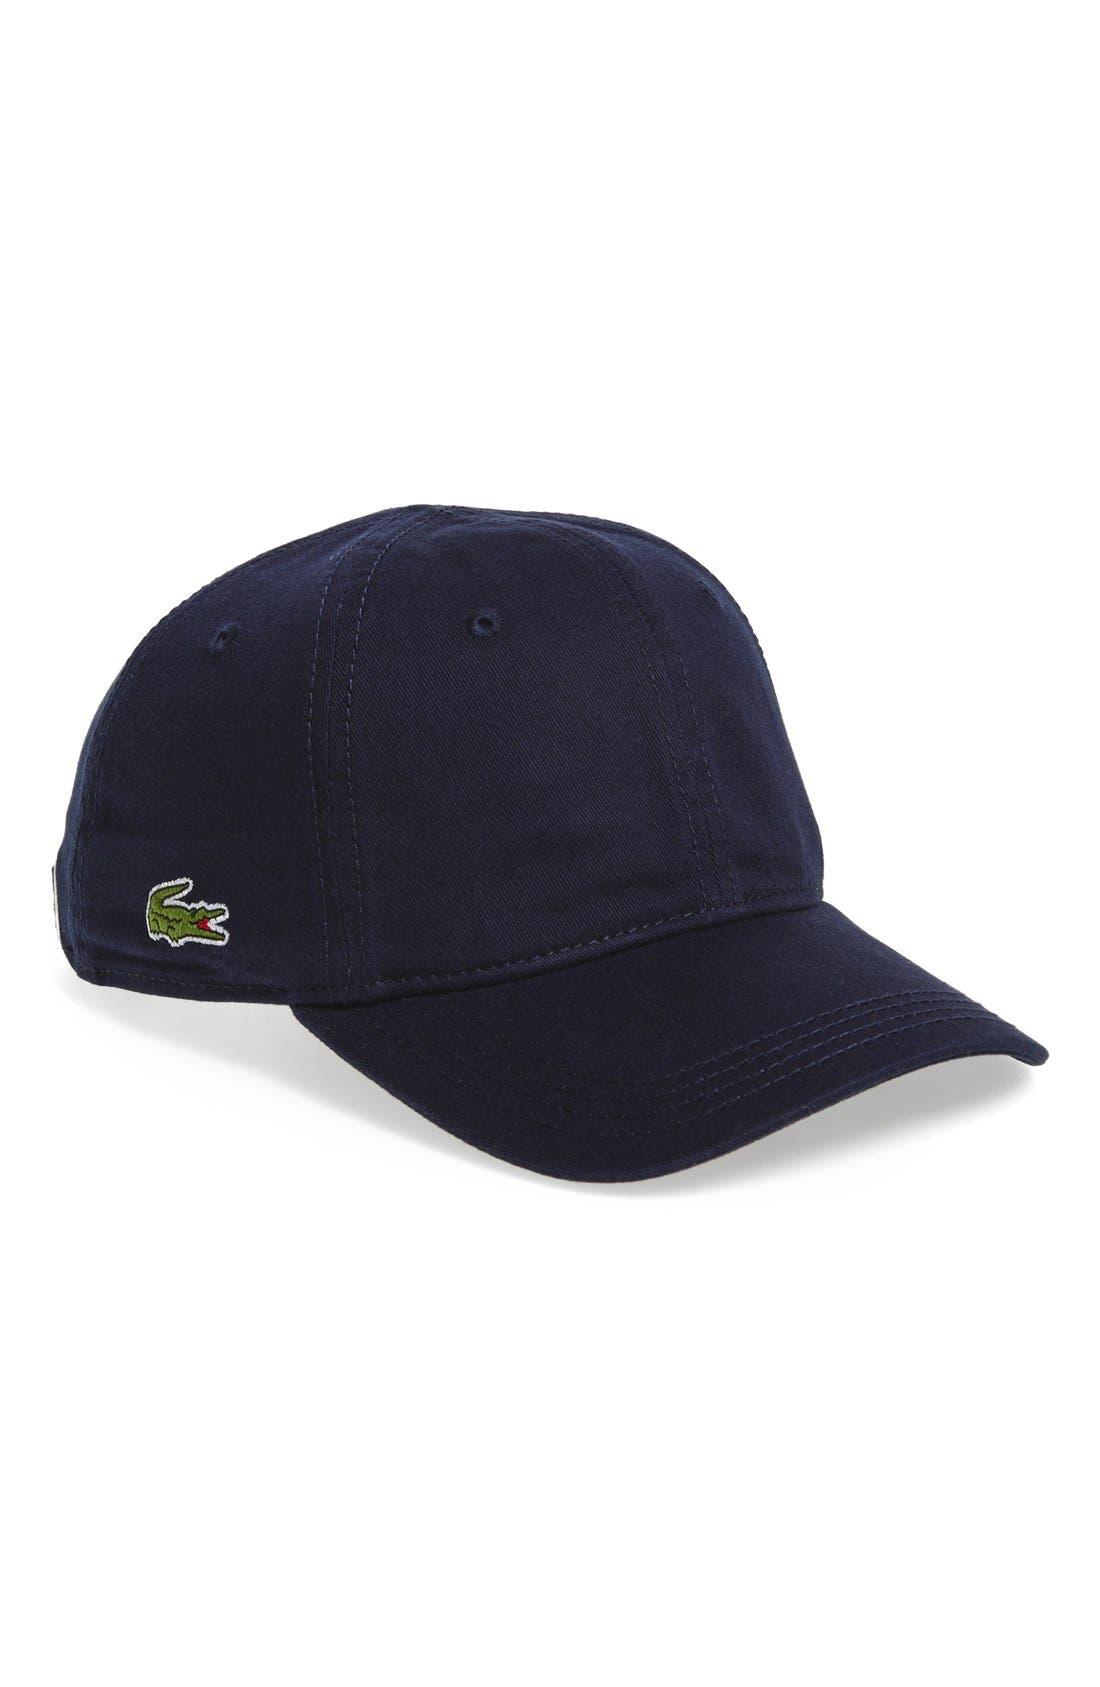 Main Image - Lacoste 'Classic' Cap